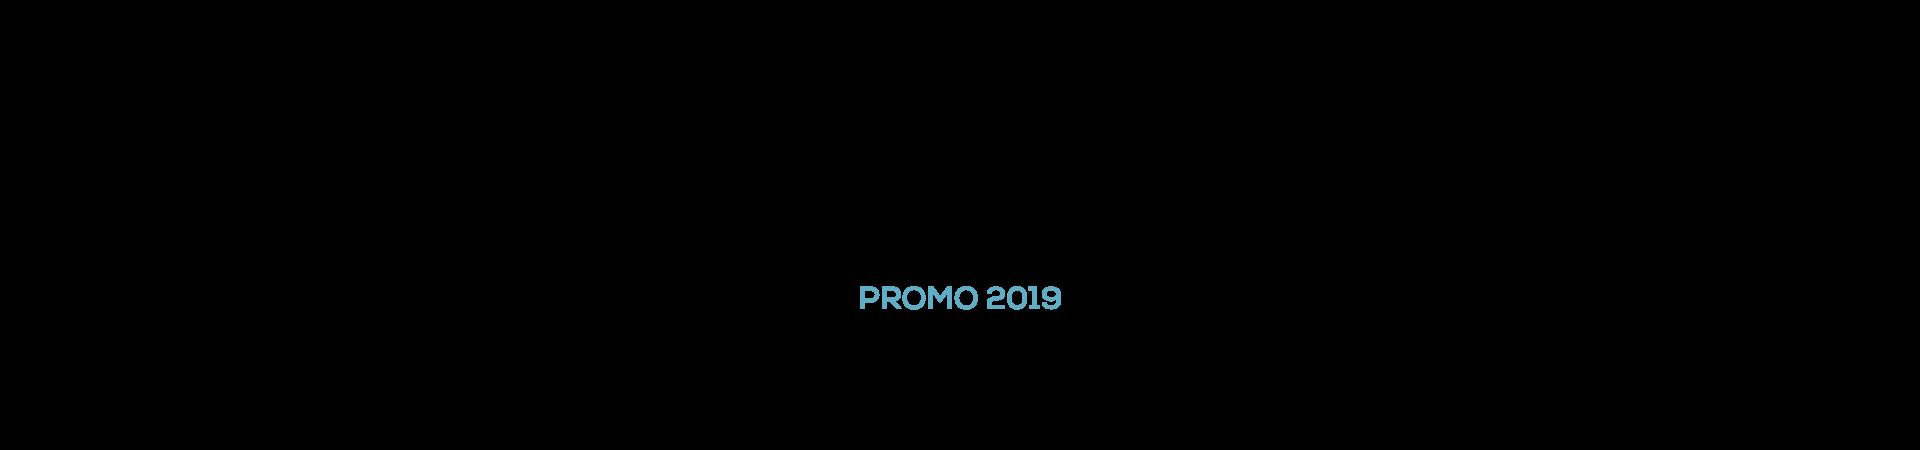 Promo 2019